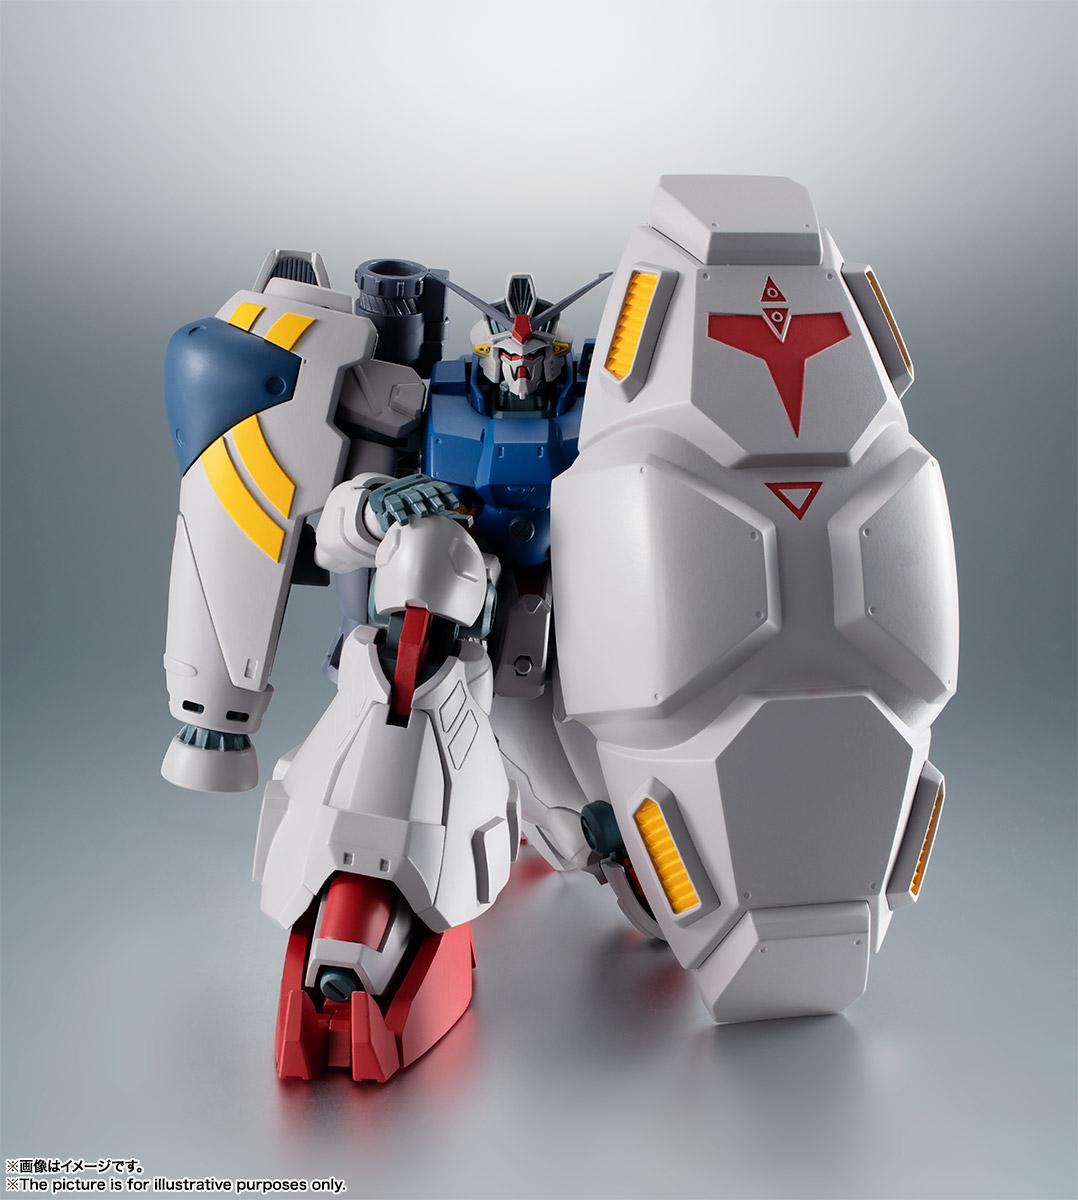 【再販】ROBOT魂〈SIDE MS〉『RX-78GP02A ガンダム試作2号機 ver. A.N.I.M.E.』機動戦士ガンダム0083 可動フィギュア-008